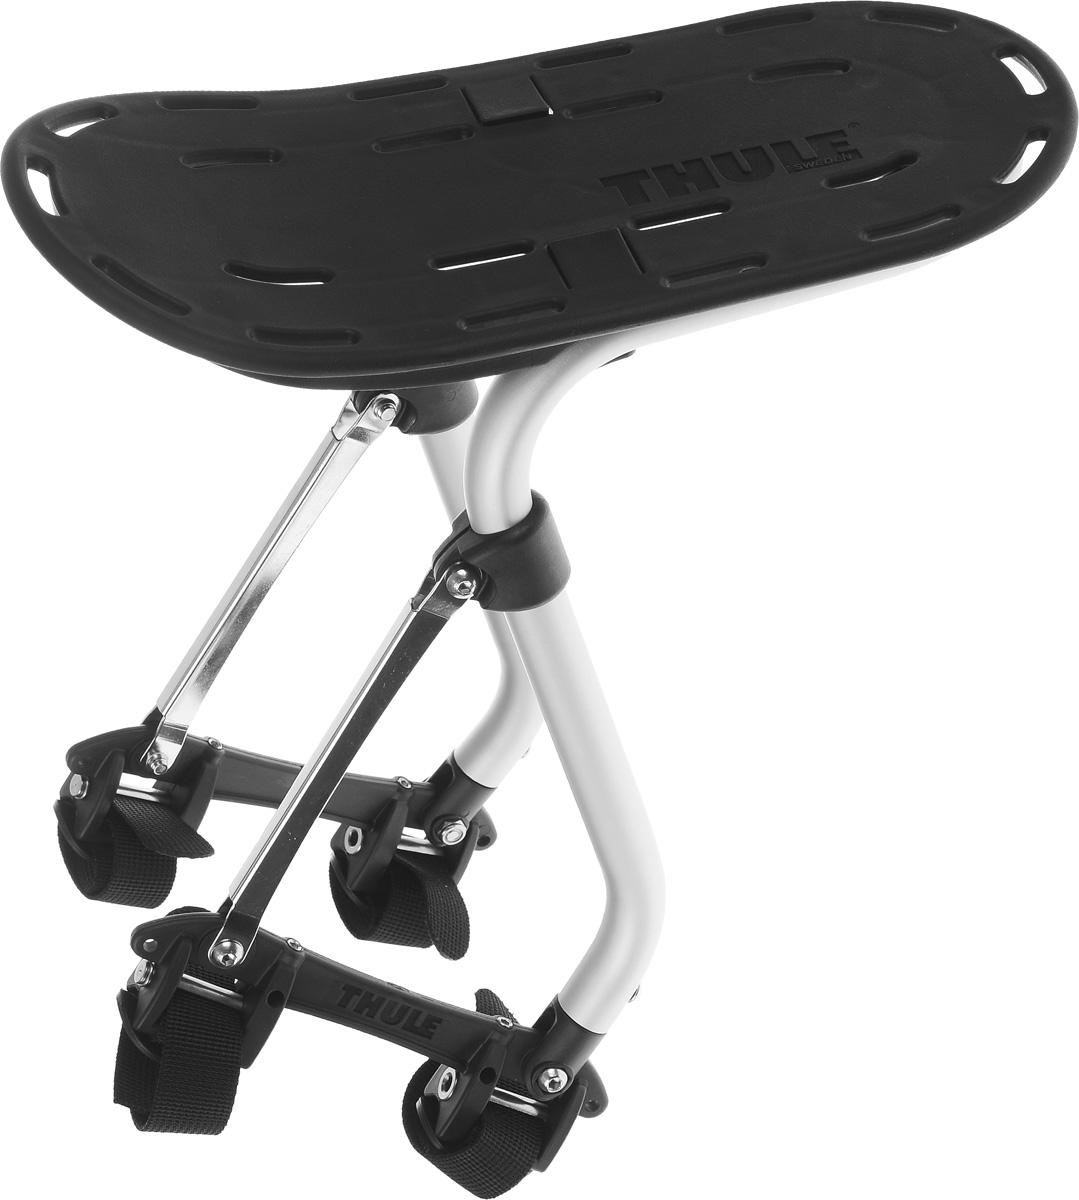 Багажник велосипедный Thule Pack n Pedal Sport RackMHDR2G/AБагажник велосипедный Thule Pack n Pedal Sport Rack для активных занятий спортом предназначен, главным образом, для размещения грузов и сумок сверху. Многочисленные отверстия позволяют надежно закрепить груз на багажнике при помощи ремней. Запатентованная система установки для велосипедов любого типа - от простого до двухподвесного с диаметром колеса 29. Багажник устанавливается как над задними, так и над передними колесами. Подходит для любого материала рамы велосипеда. Изделие имеет бесшумную конструкцию и не создает вибрации. Багажник поставляется в разобранном виде. Инструкция по сборке прилагается. Грузоподъемность: до 25 кг. Размер доски для размещения грузов: 32 х 15 см.